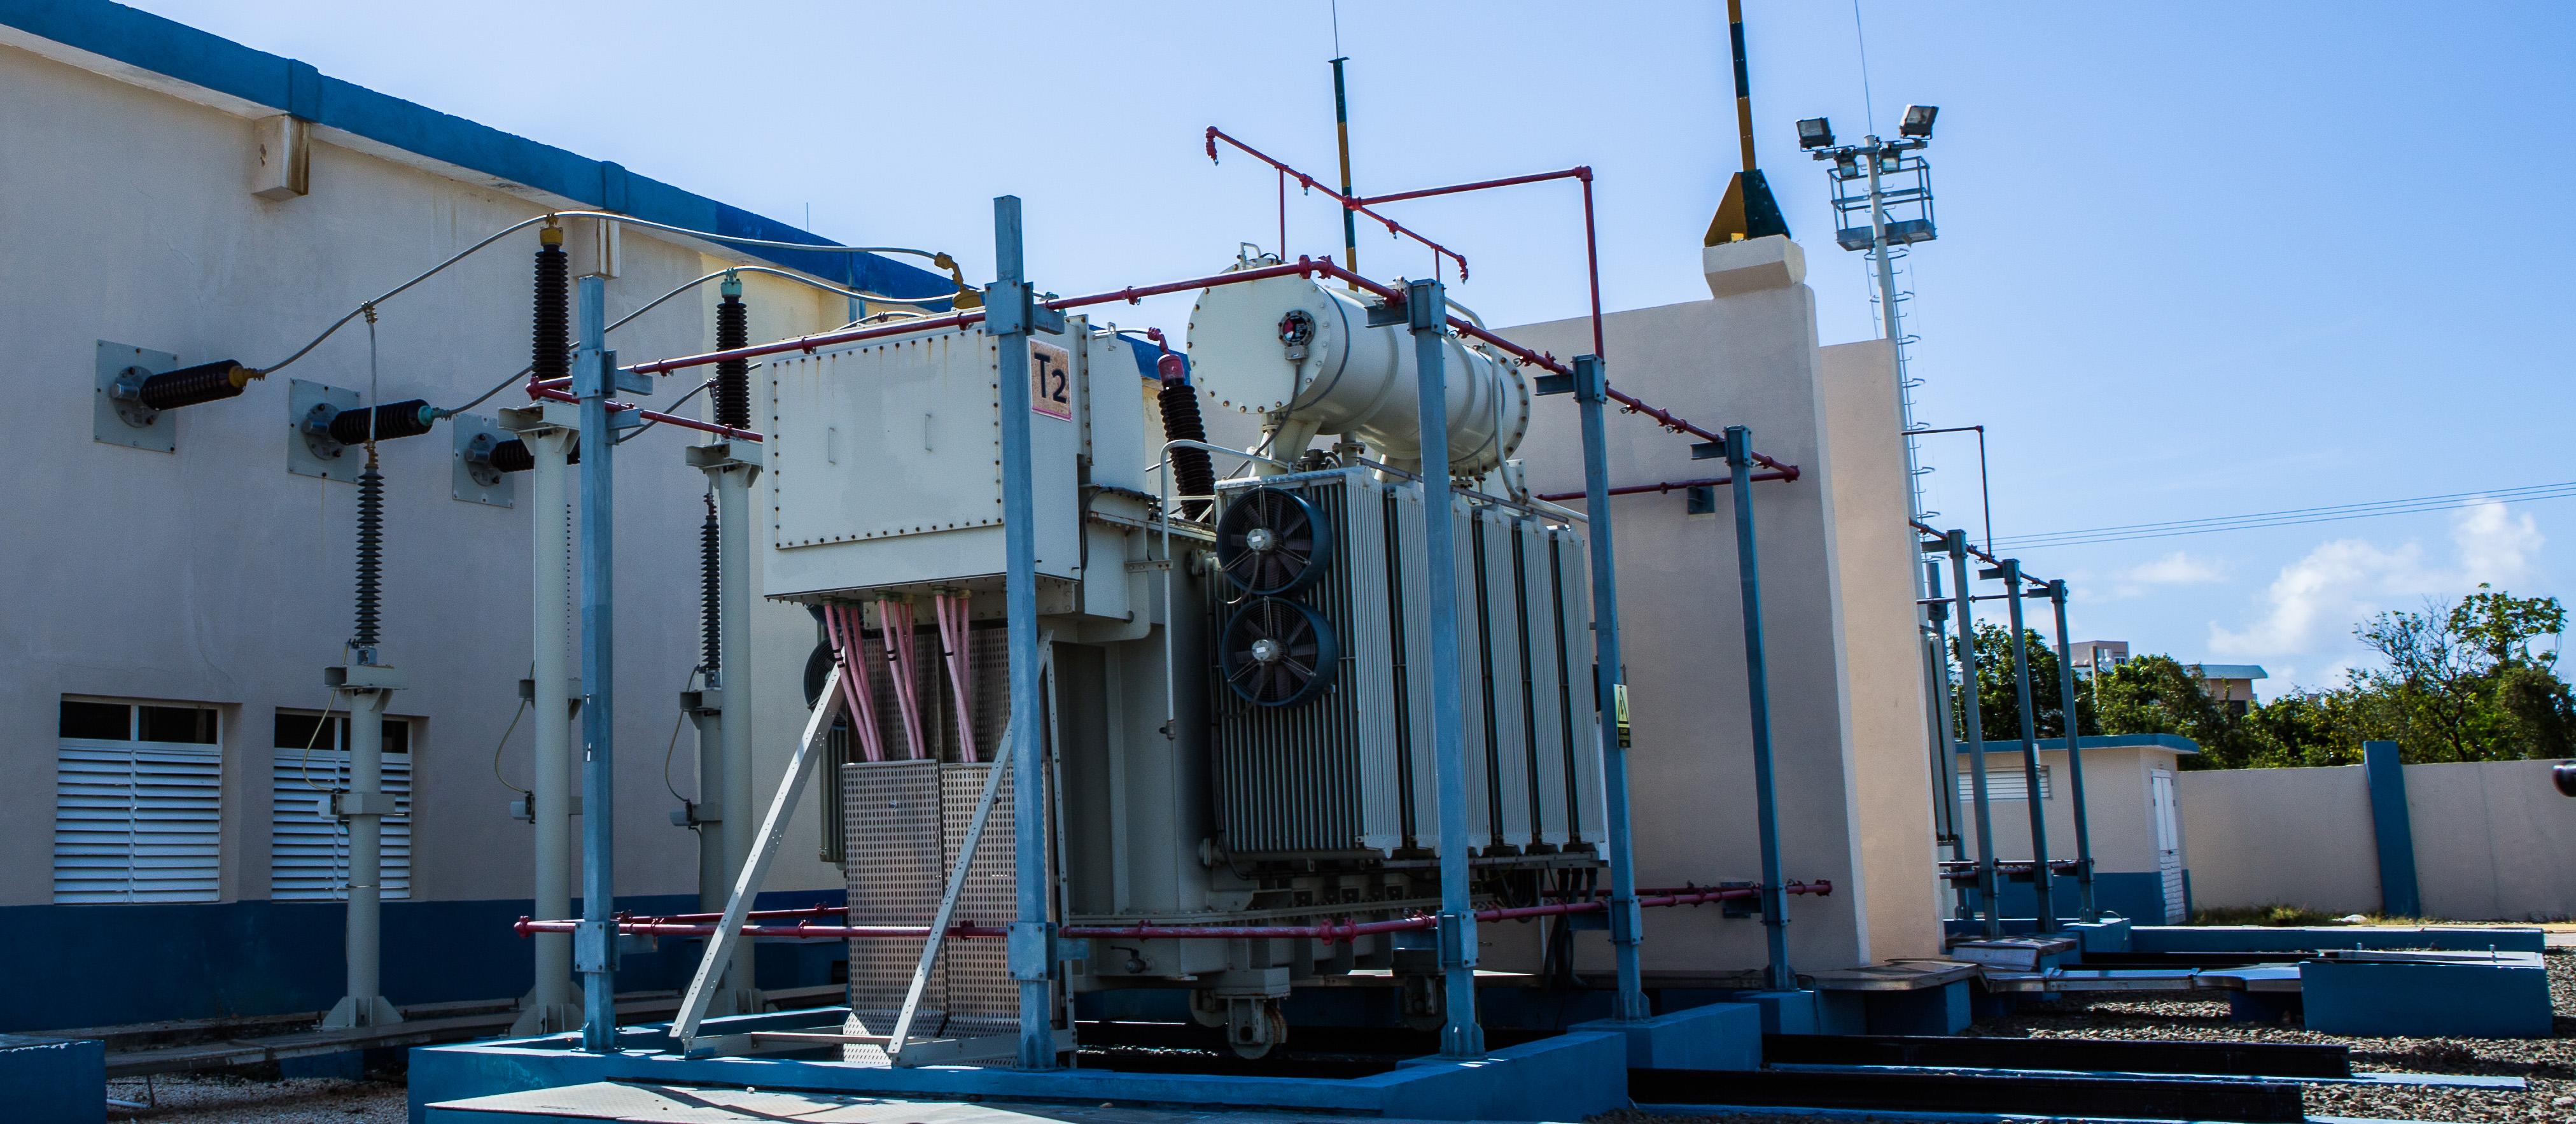 HV Electrical substation